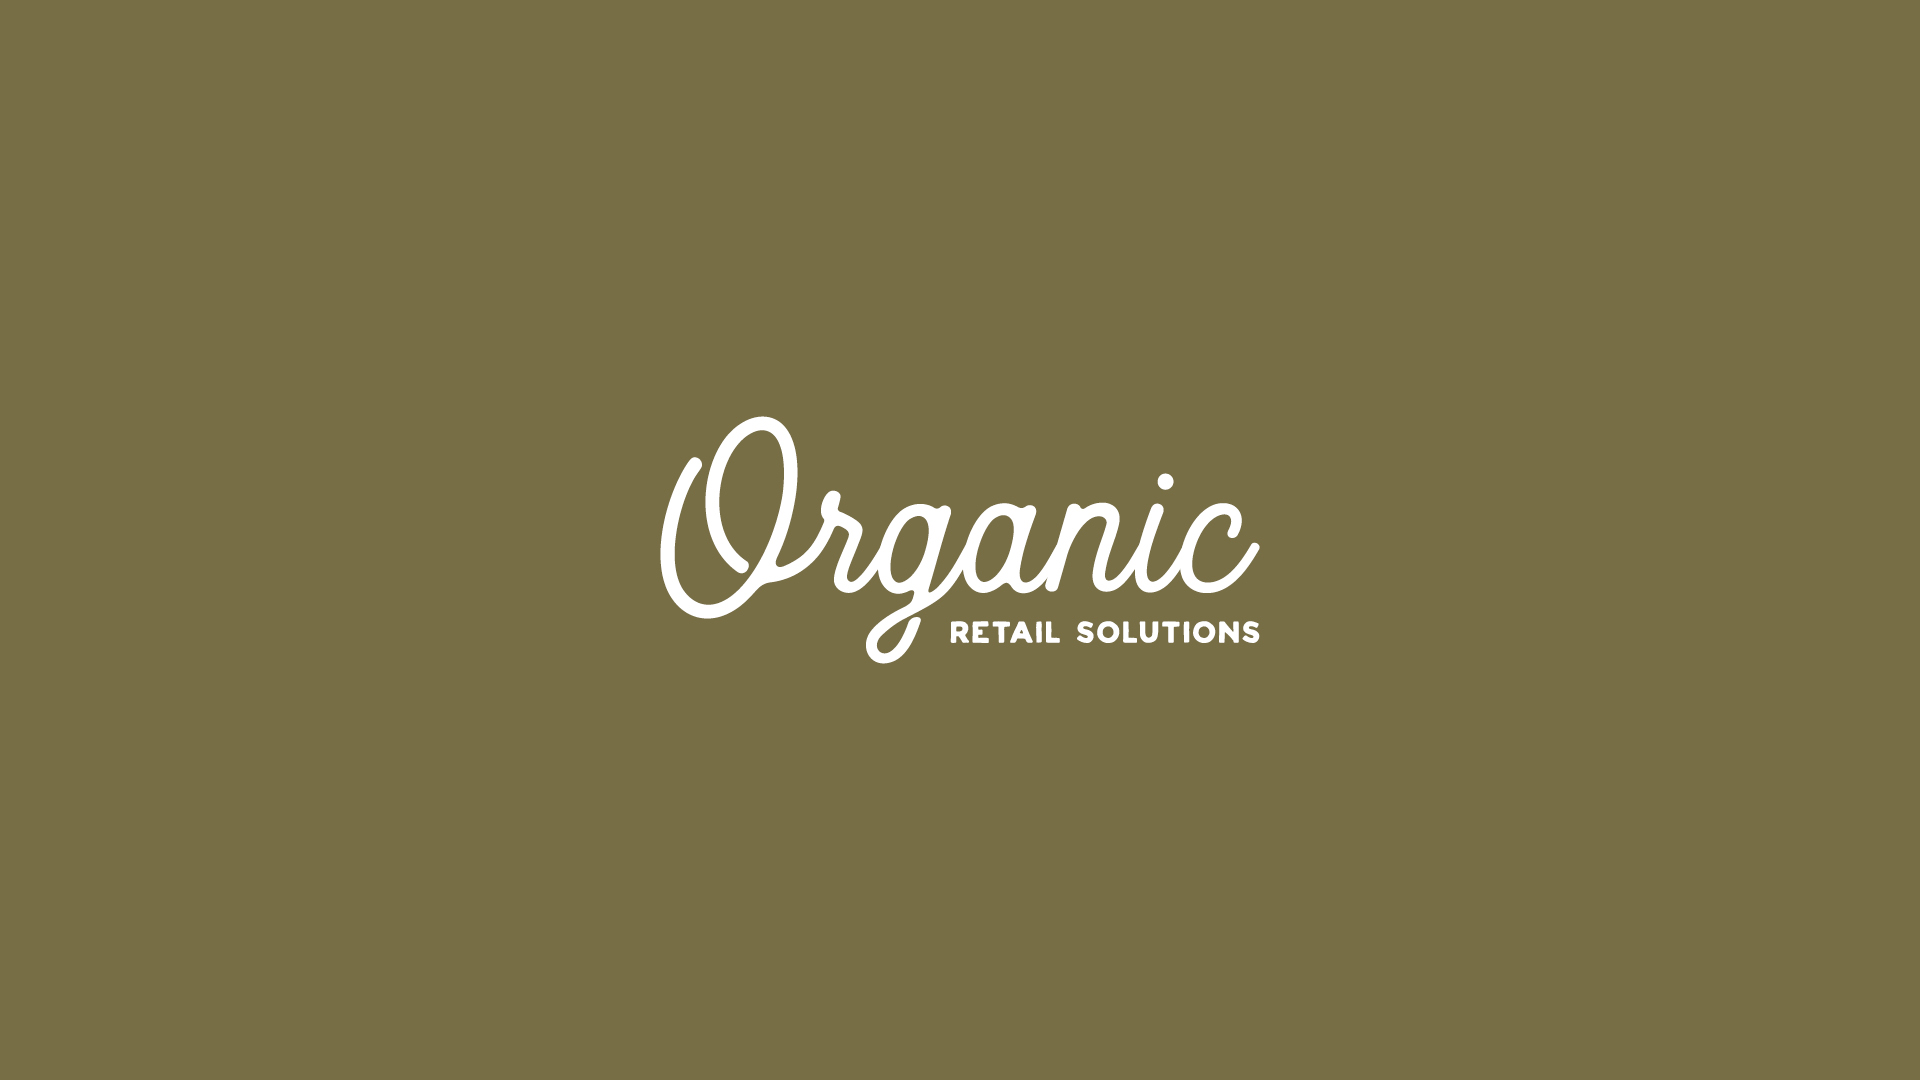 Website_Logos4.jpg